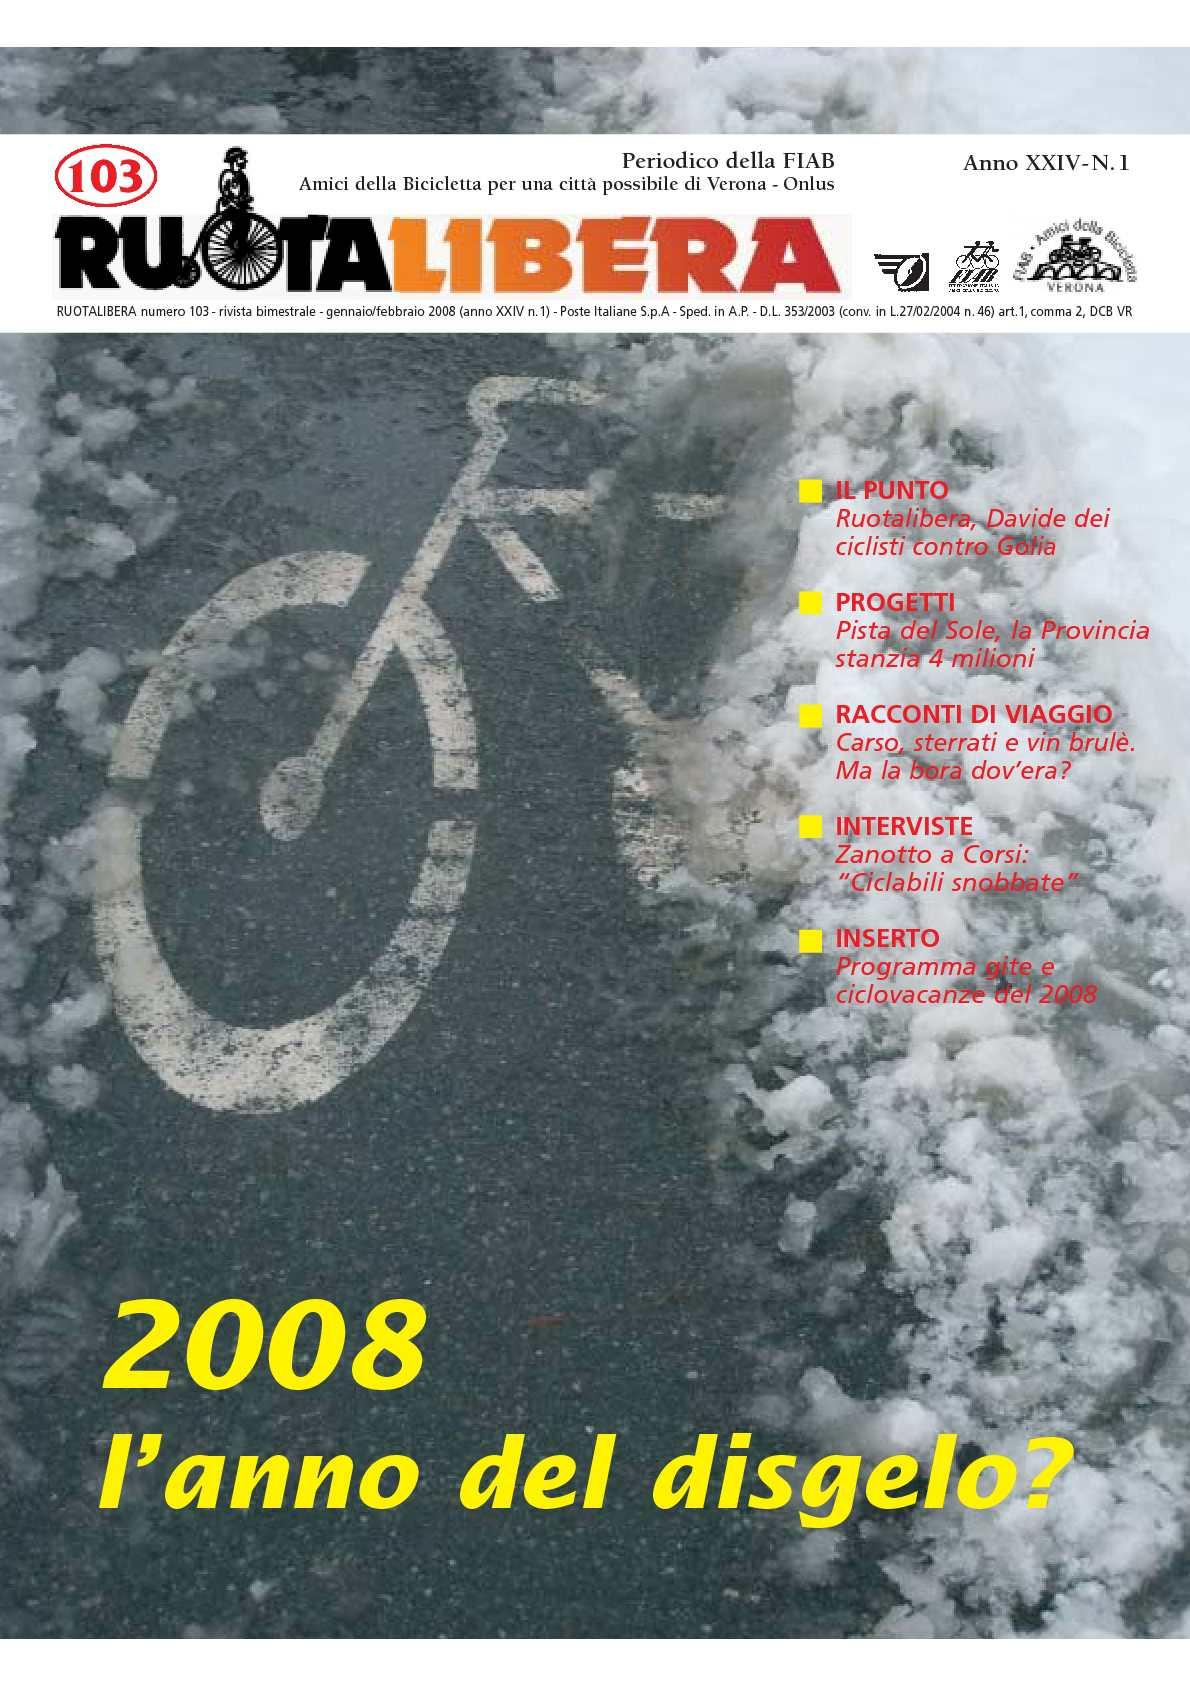 Ruotalibera 103 (gennaio/febbraio 2008) - FIAB AdB Verona